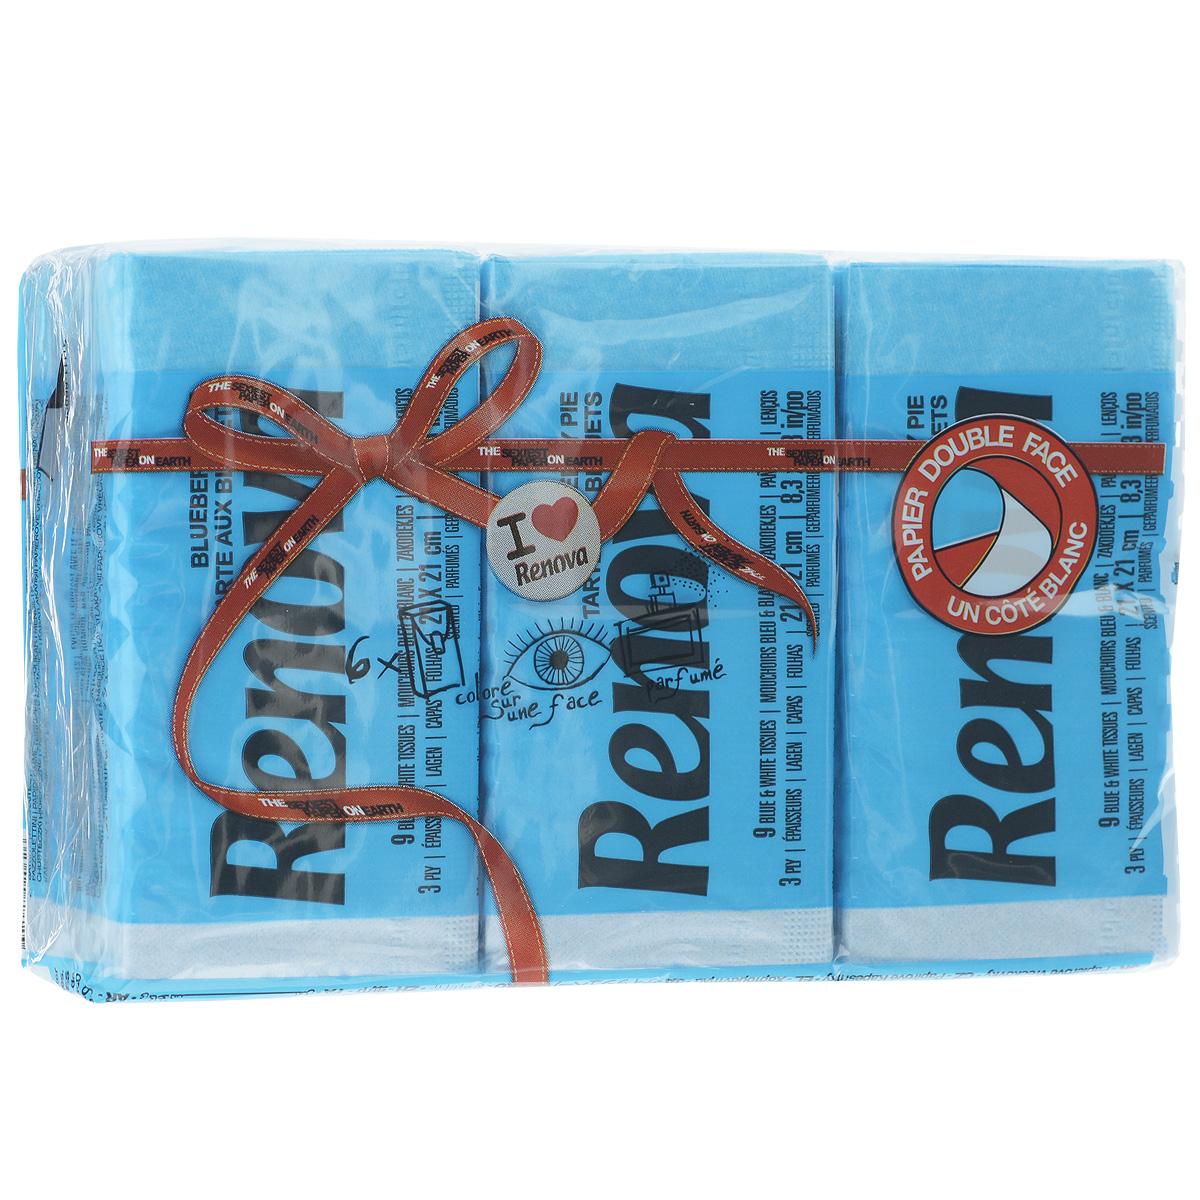 Платочки бумажные Renova Blueberry Pie, ароматизированные, трехслойные, цвет: голубой, 6 пачекCRS-80273547Бумажные гигиенические платочки Renova Blueberry Pie,изготовленные из 100% натуральной целлюлозы, подходят для детей и взрослых. Они обладают уникальными свойствами, так как всегда остаются мягкими на ощупь, прочными и отлично впитывающими влагу и могут быть пригодными в любой ситуации. Бумажные платочки Renova Blueberry Pie имеют аромат черники. Удобная небольшая упаковка позволяет носить платочки в кармане.Количество слоев: 3.Размер листа: 21 см х 21 см.Количество пачек: 6 шт.Количество платочков в каждой пачке: 9 шт.Португальская компания Renova является ведущим разработчиком новейших технологий производства, нового стиля и направления на рынке гигиенической продукции. Современный дизайн и высочайшее качество, дерматологический контроль - это то, что выделяет компанию Renova среди других производителей бумажной санитарно-гигиенической продукции.